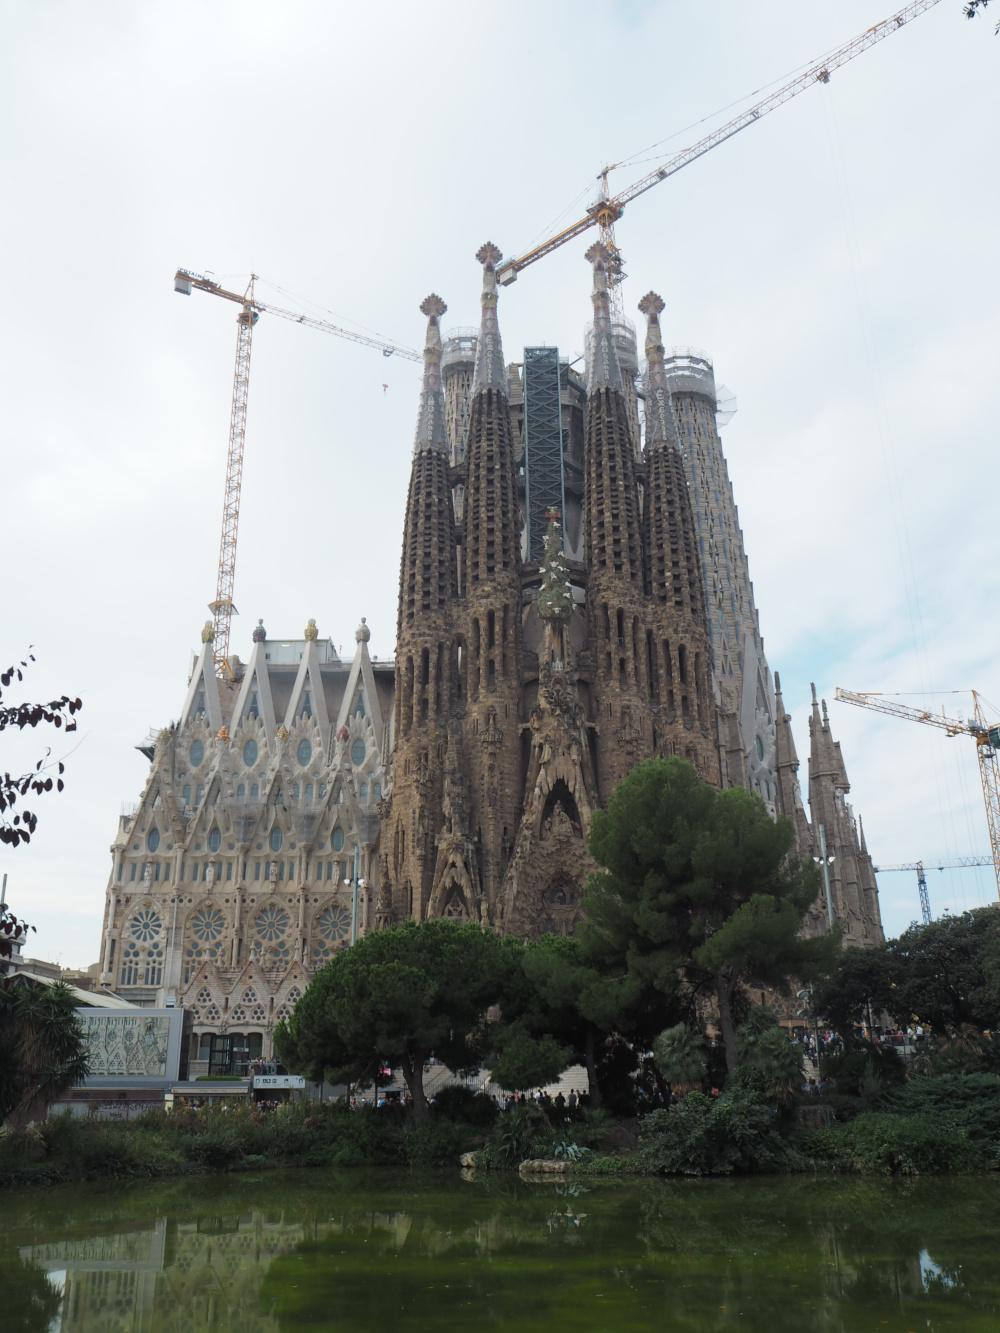 ヨーロッパ留学しているなら、ぜひバルセロナへ!その魅力とは